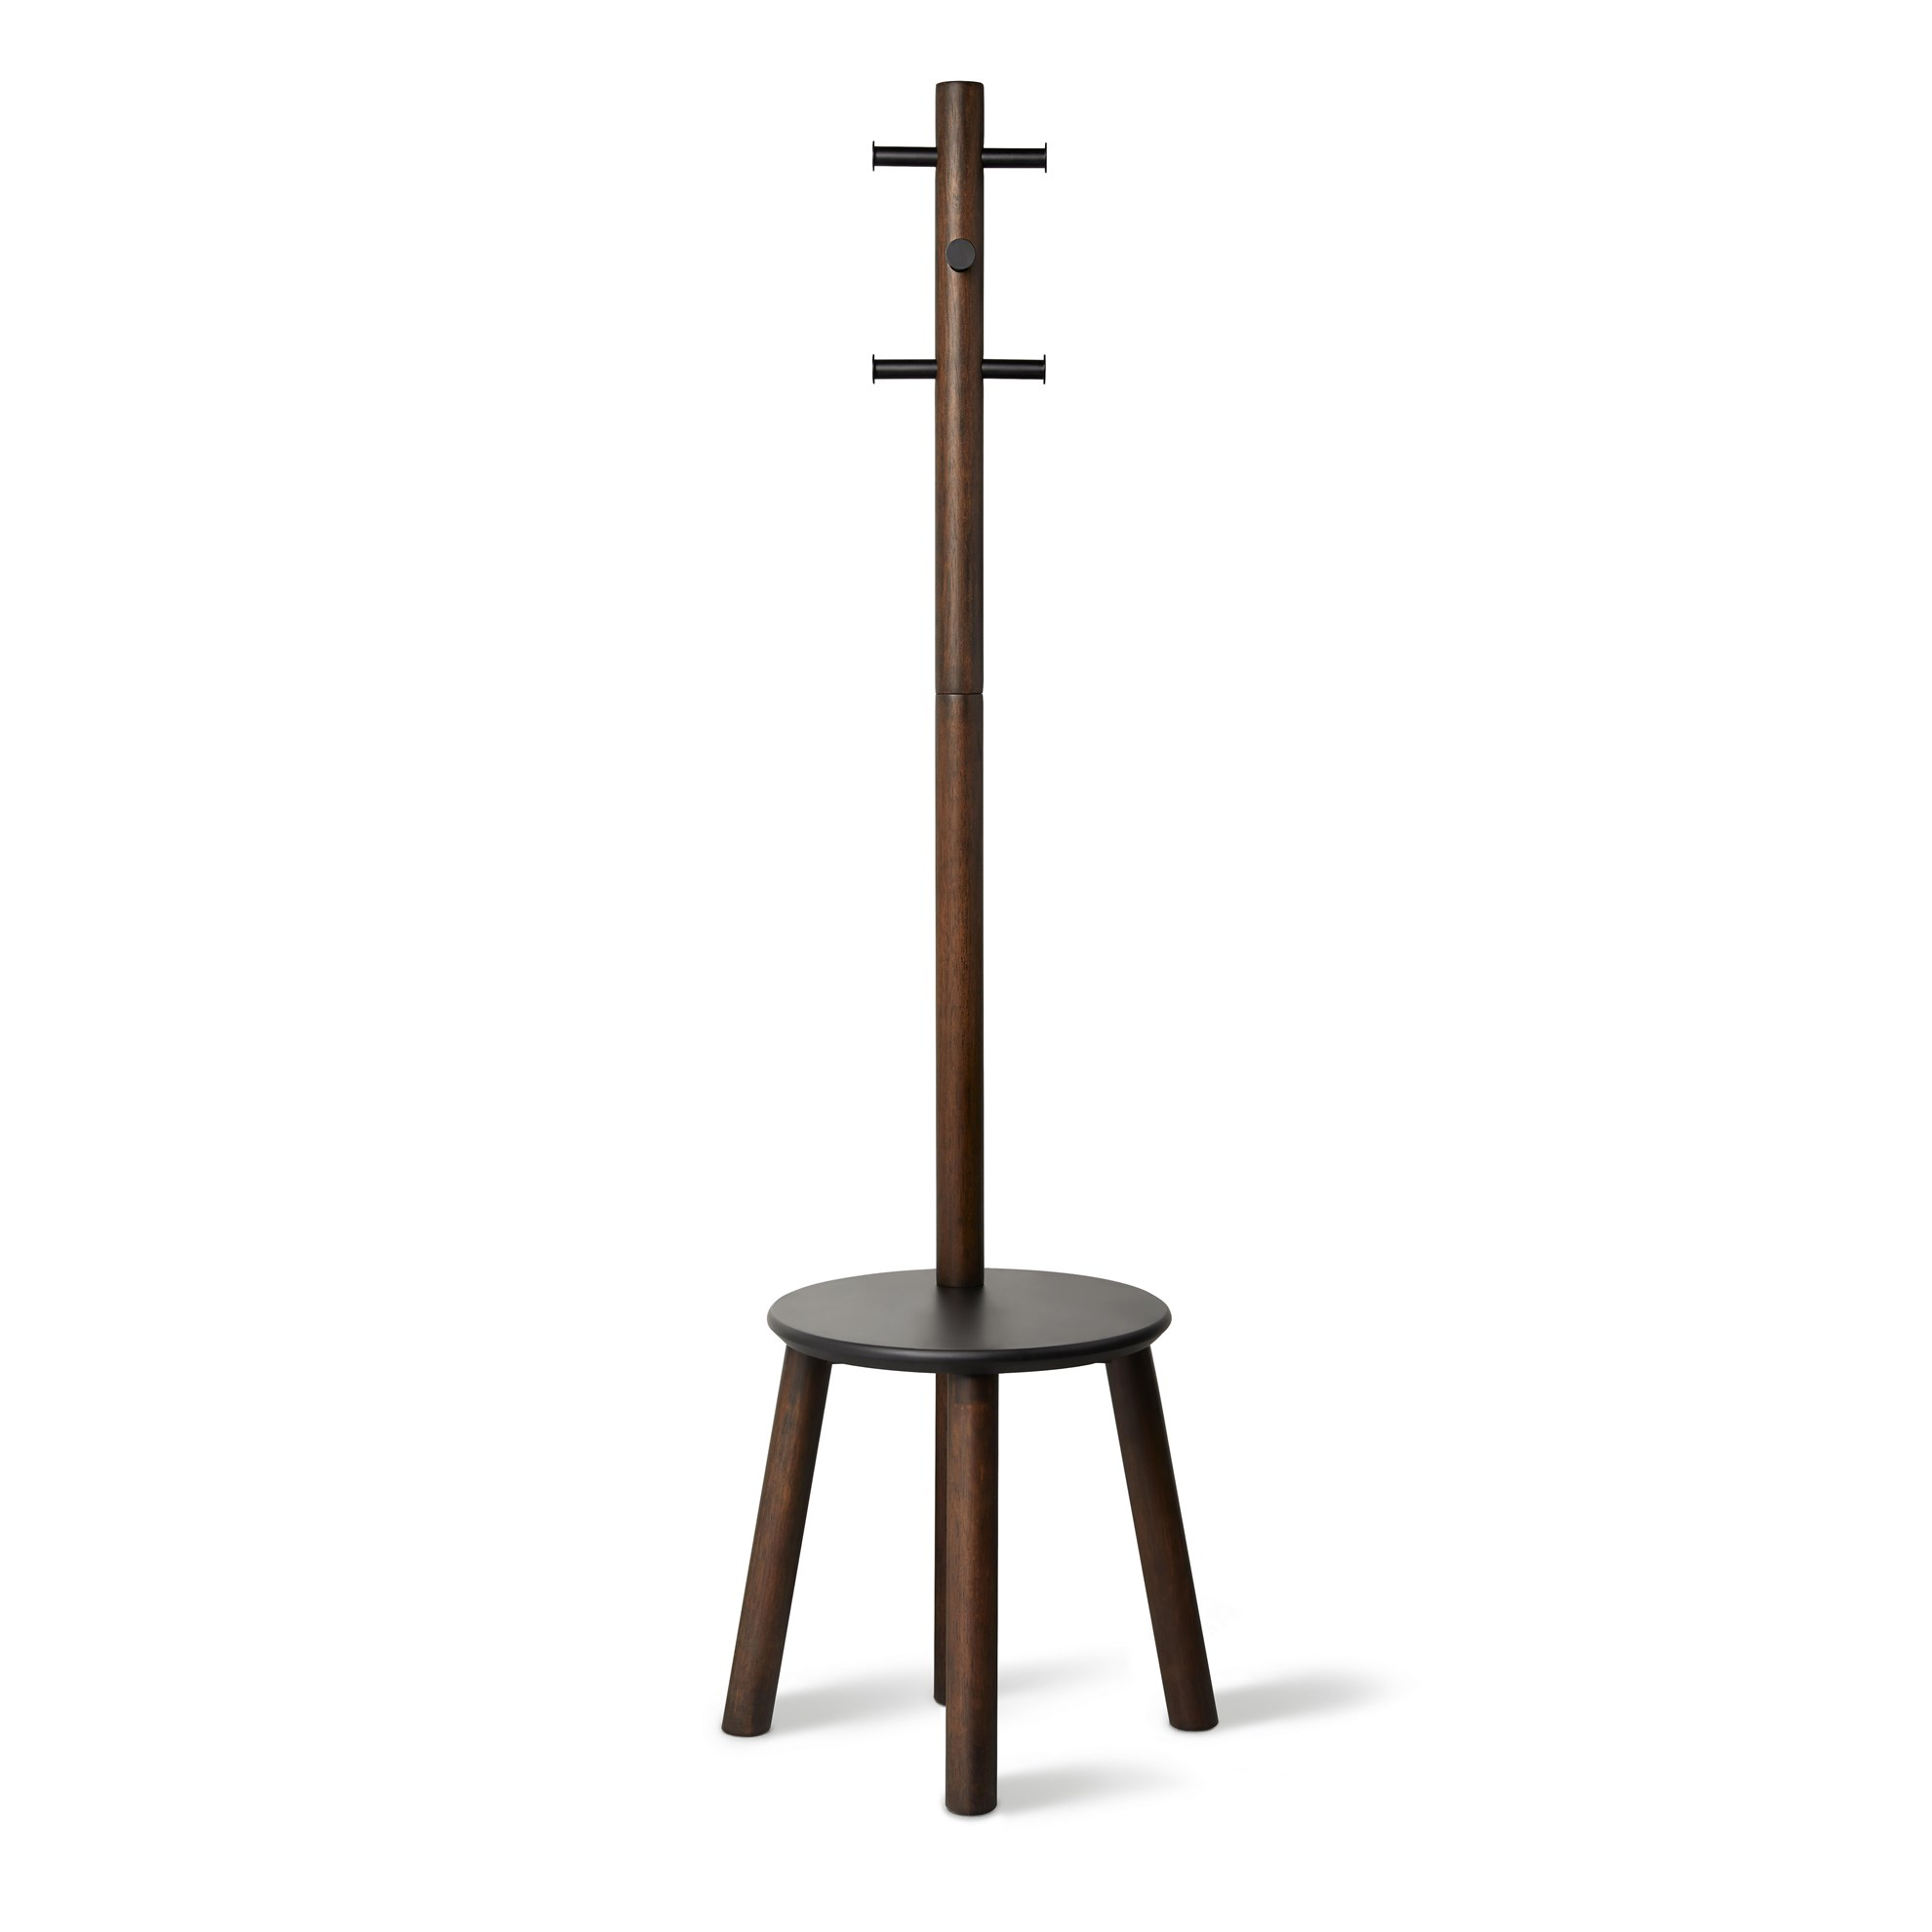 Věšák se stoličkou PILLAR 167x50 cm tm.hnědý_1